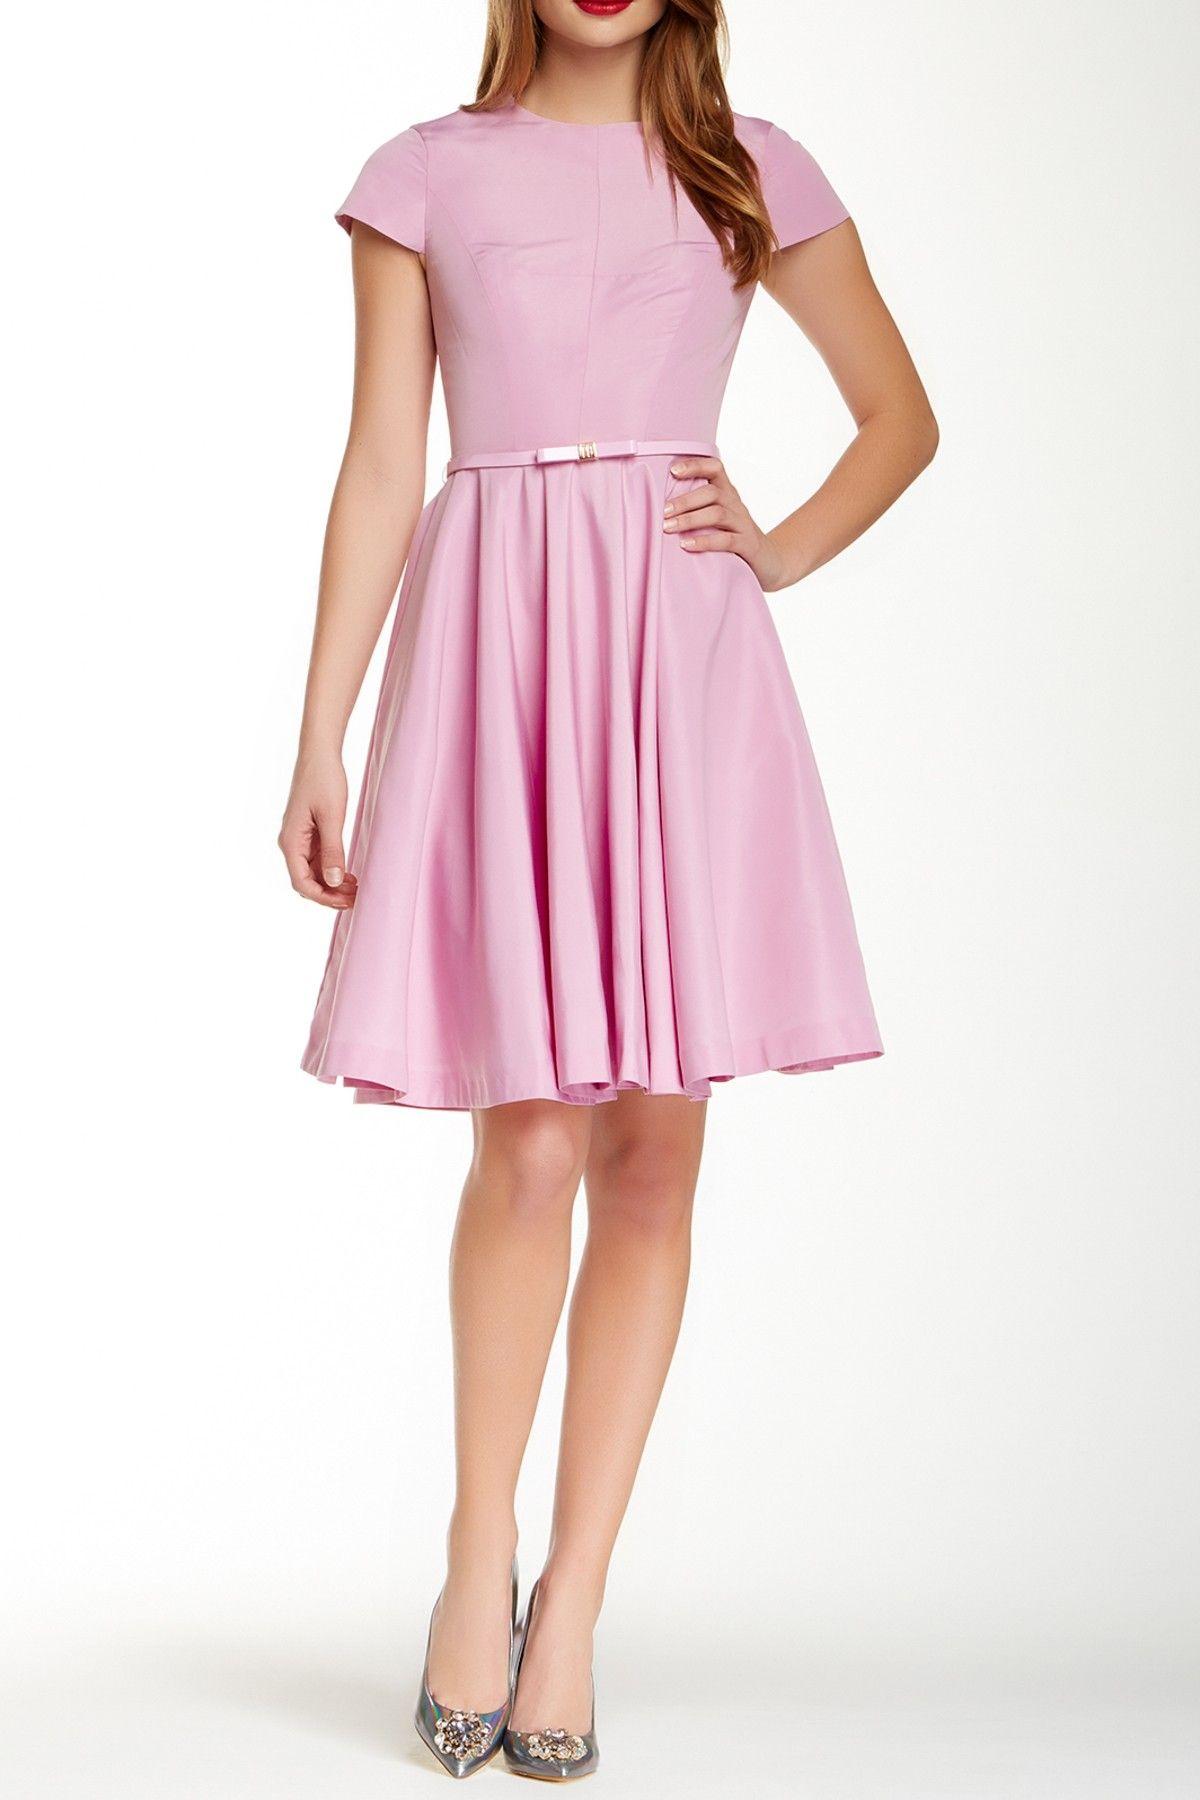 Ted Baker London   Danele Full Skirt Princess Seam Dress   HauteLook ...